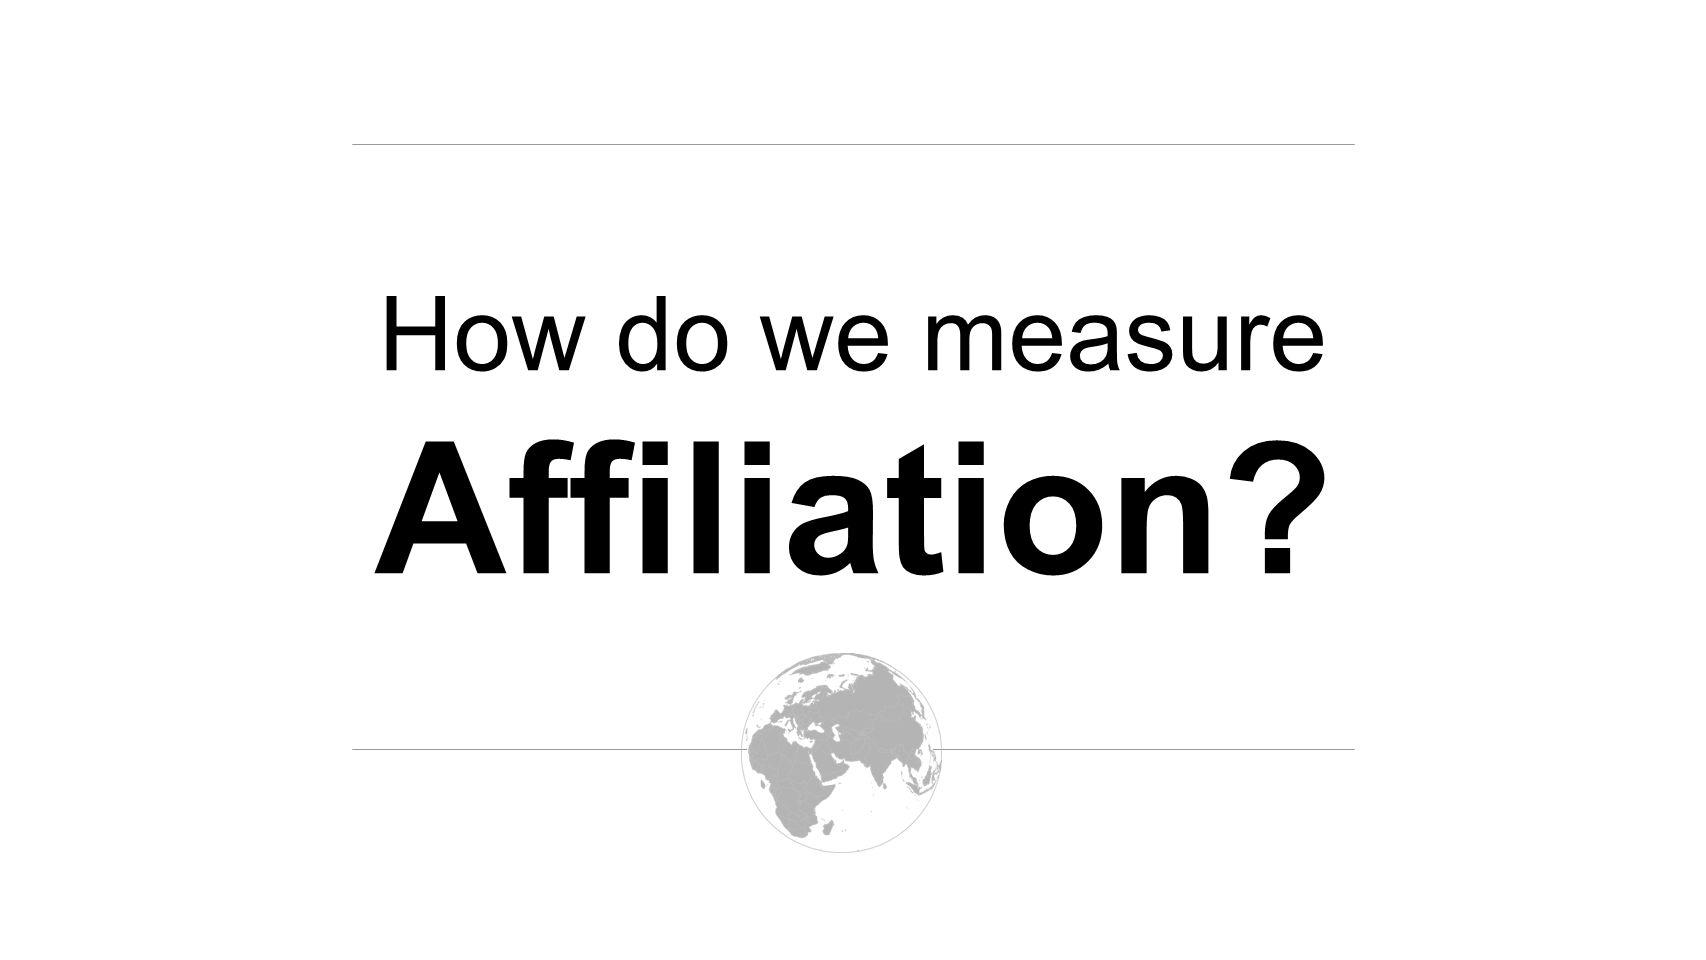 How do we measure Affiliation